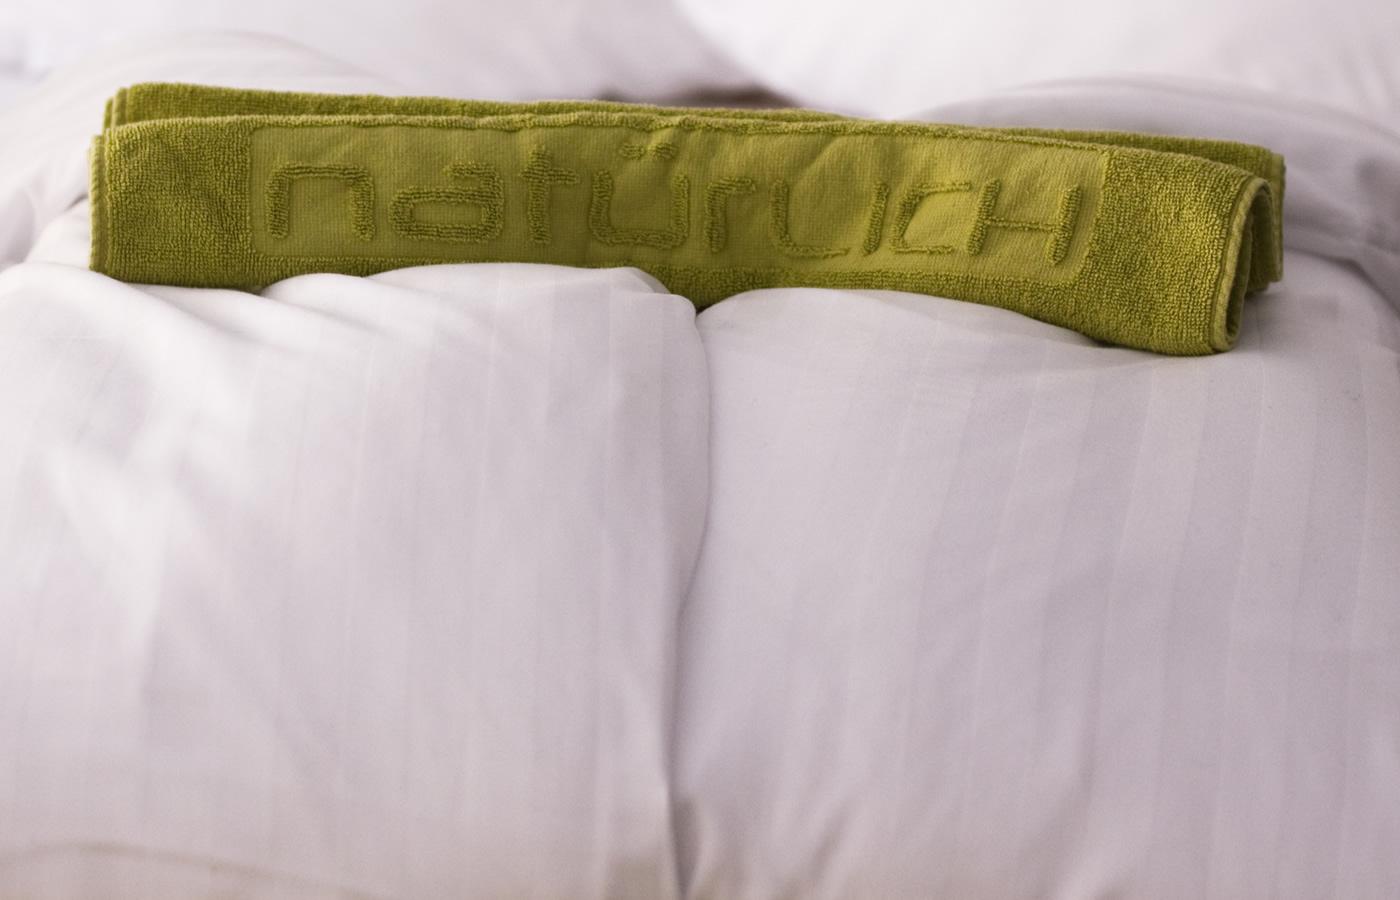 Handtuch auf den Bett im Hotel Natürlich in Tirol.